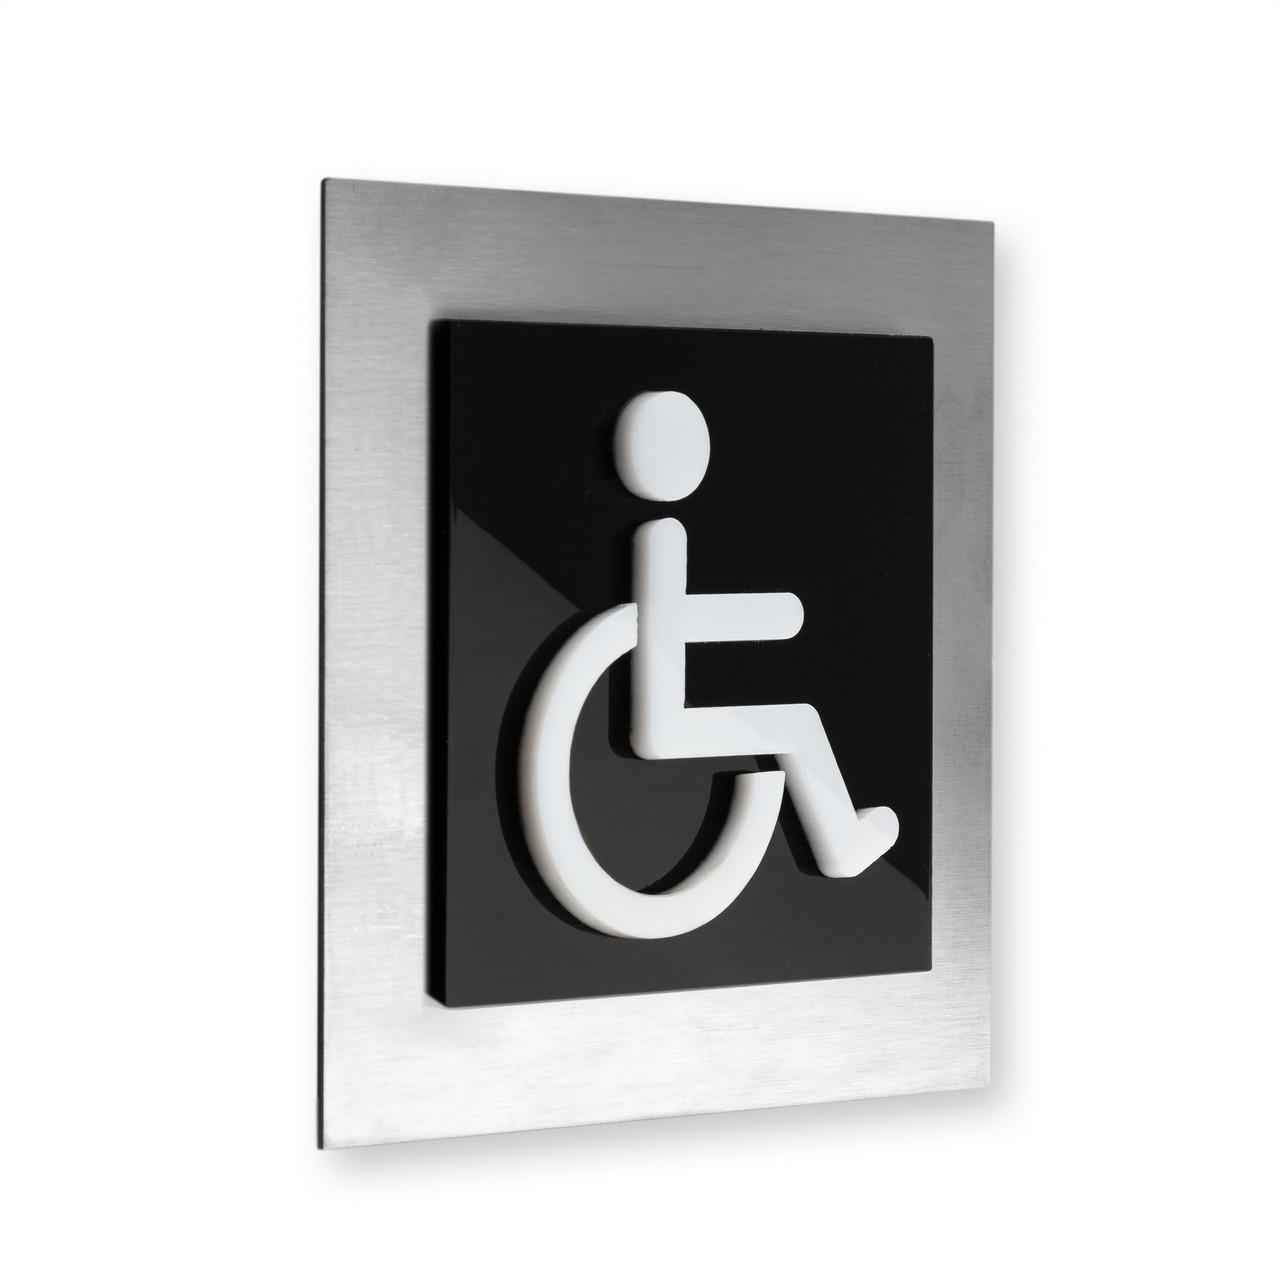 Табличка на туалет для людей с ограниченными возможностями